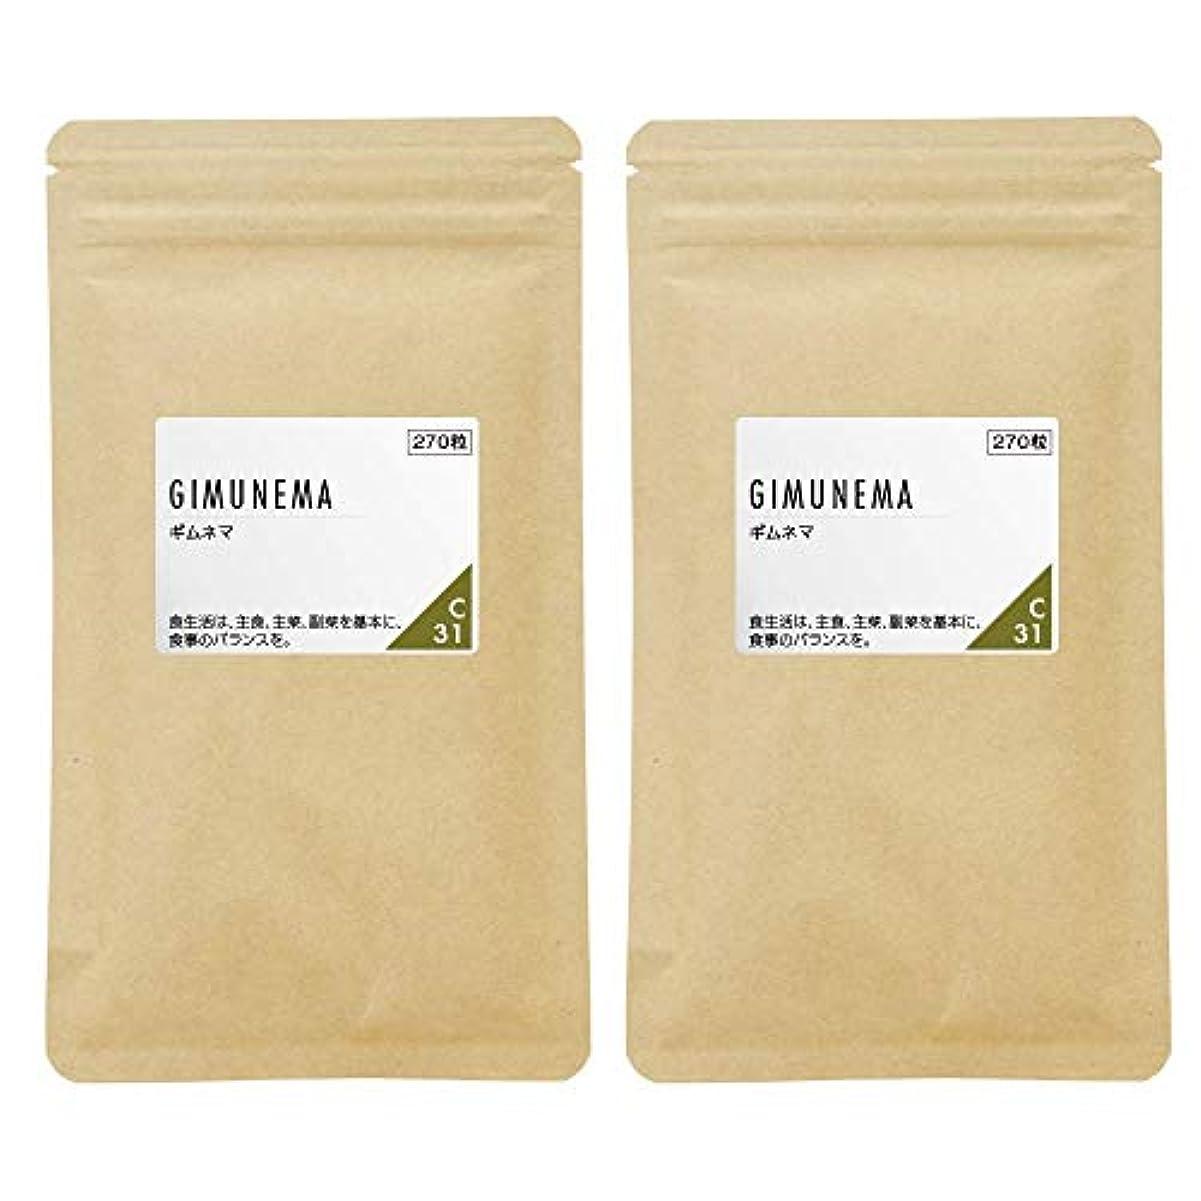 普及ギャングスターロッカーnichie ギムネマ サプリメント 約6ヶ月分(270粒×2袋)